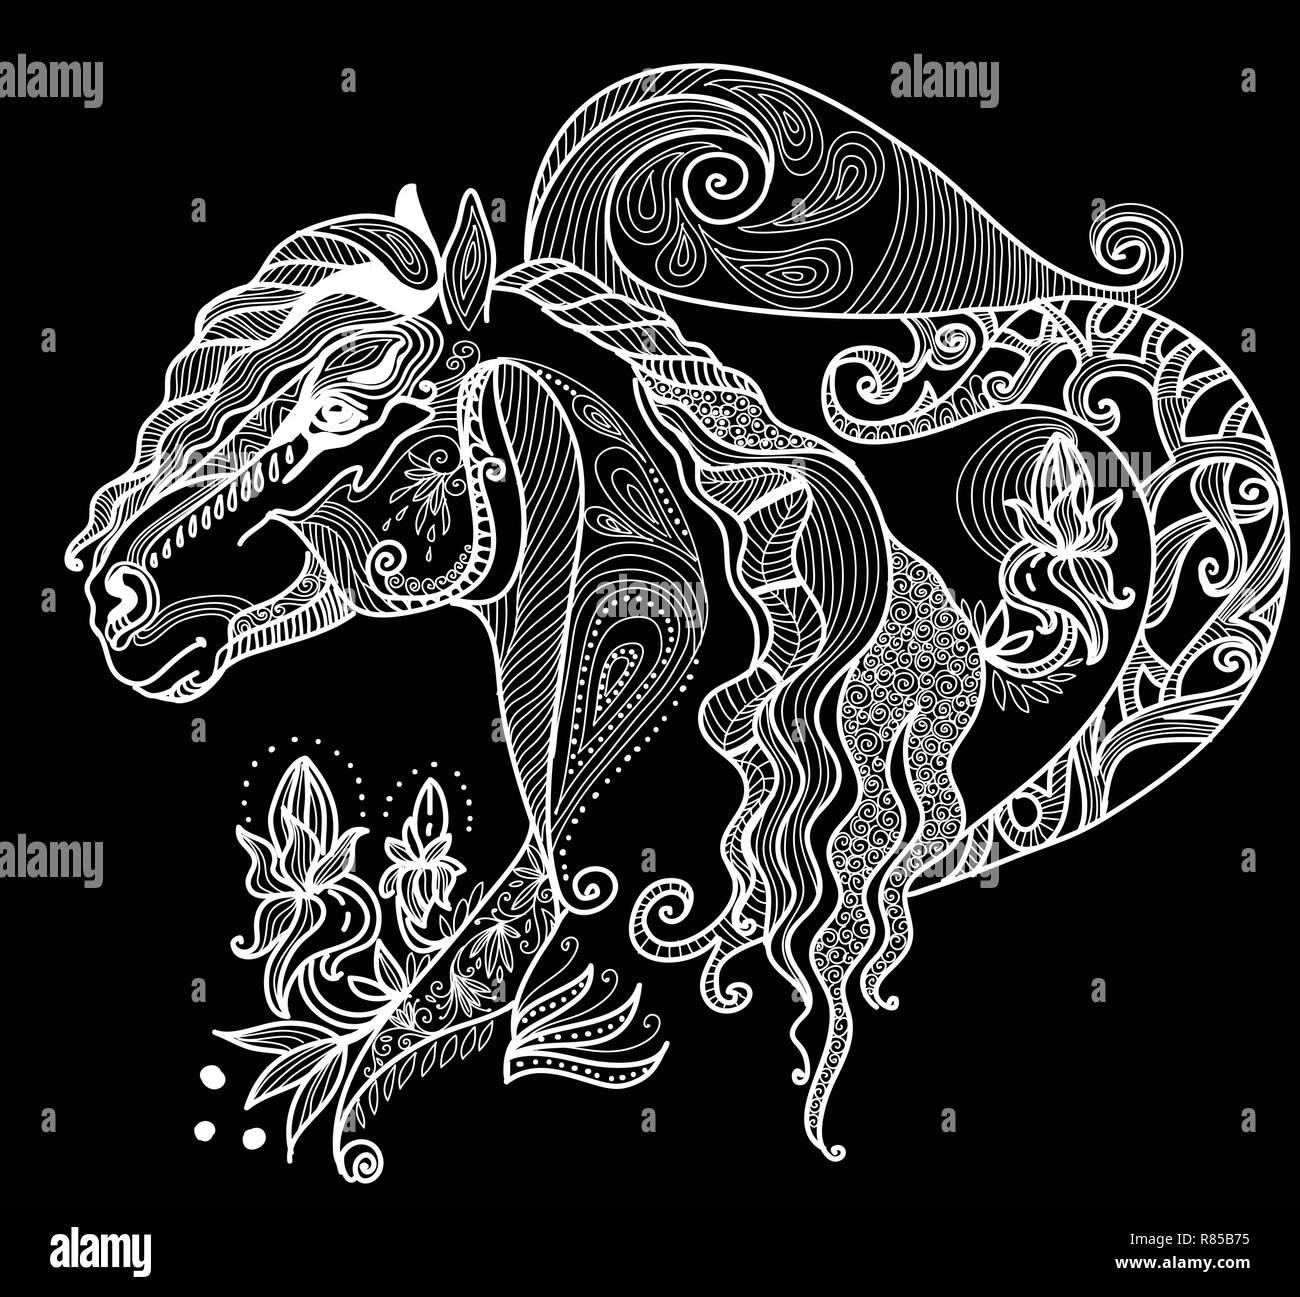 Vettore Di Disegno A Mano Illustrazione Zentangle Cavallo In Colore